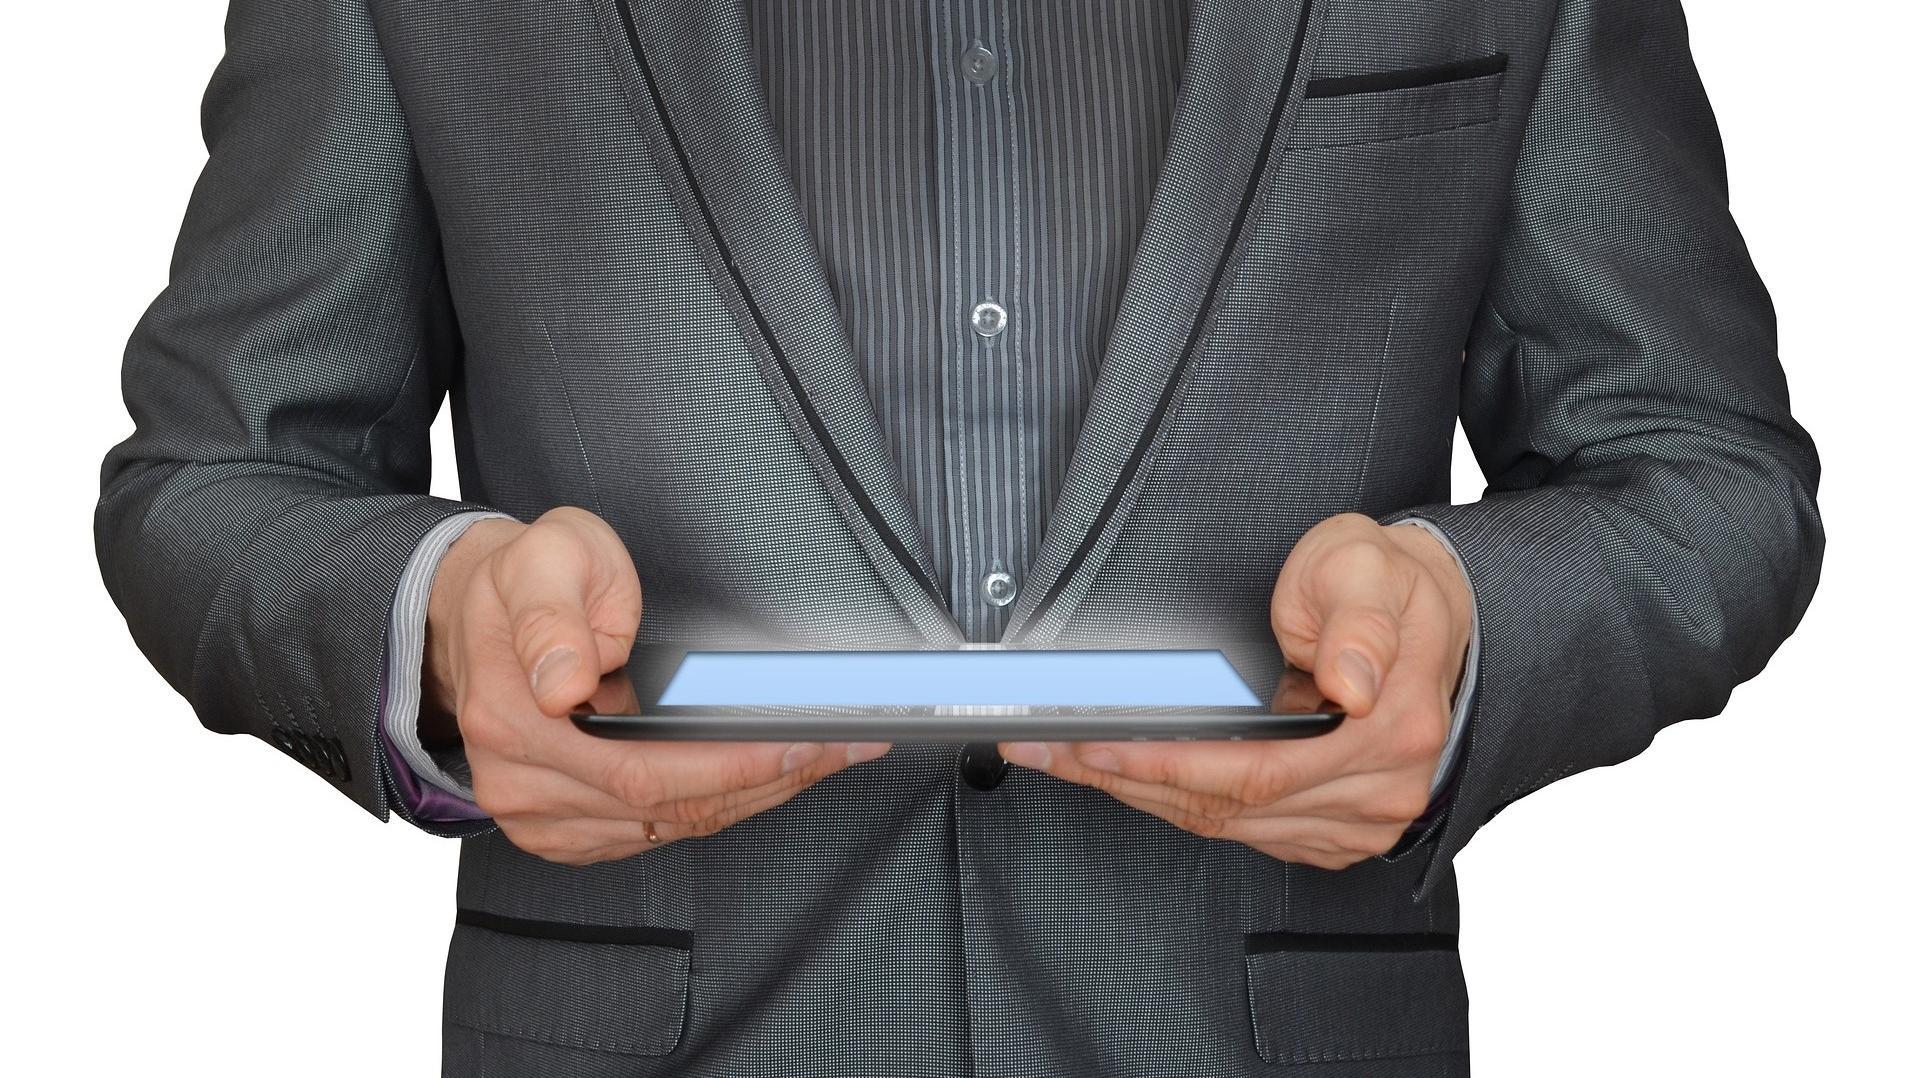 Medion Tablet: Sichern Sie Ihre Daten, bevor Sie einen Hard Reset durchführen.